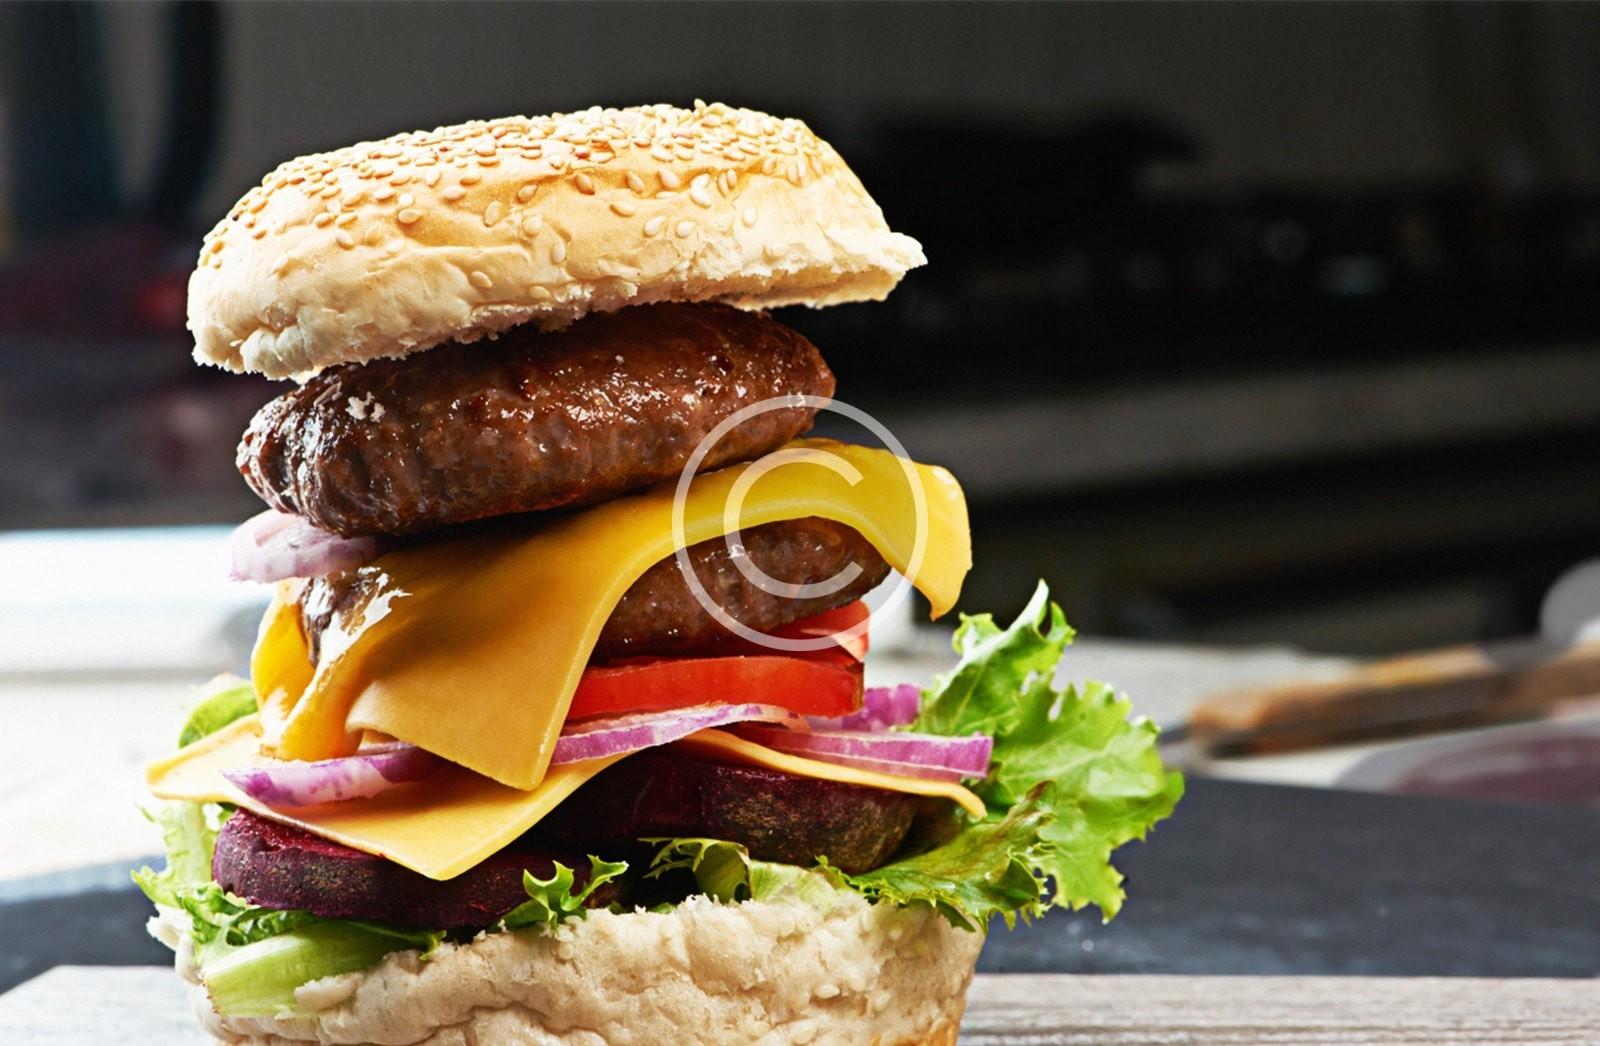 The Dutch Burger